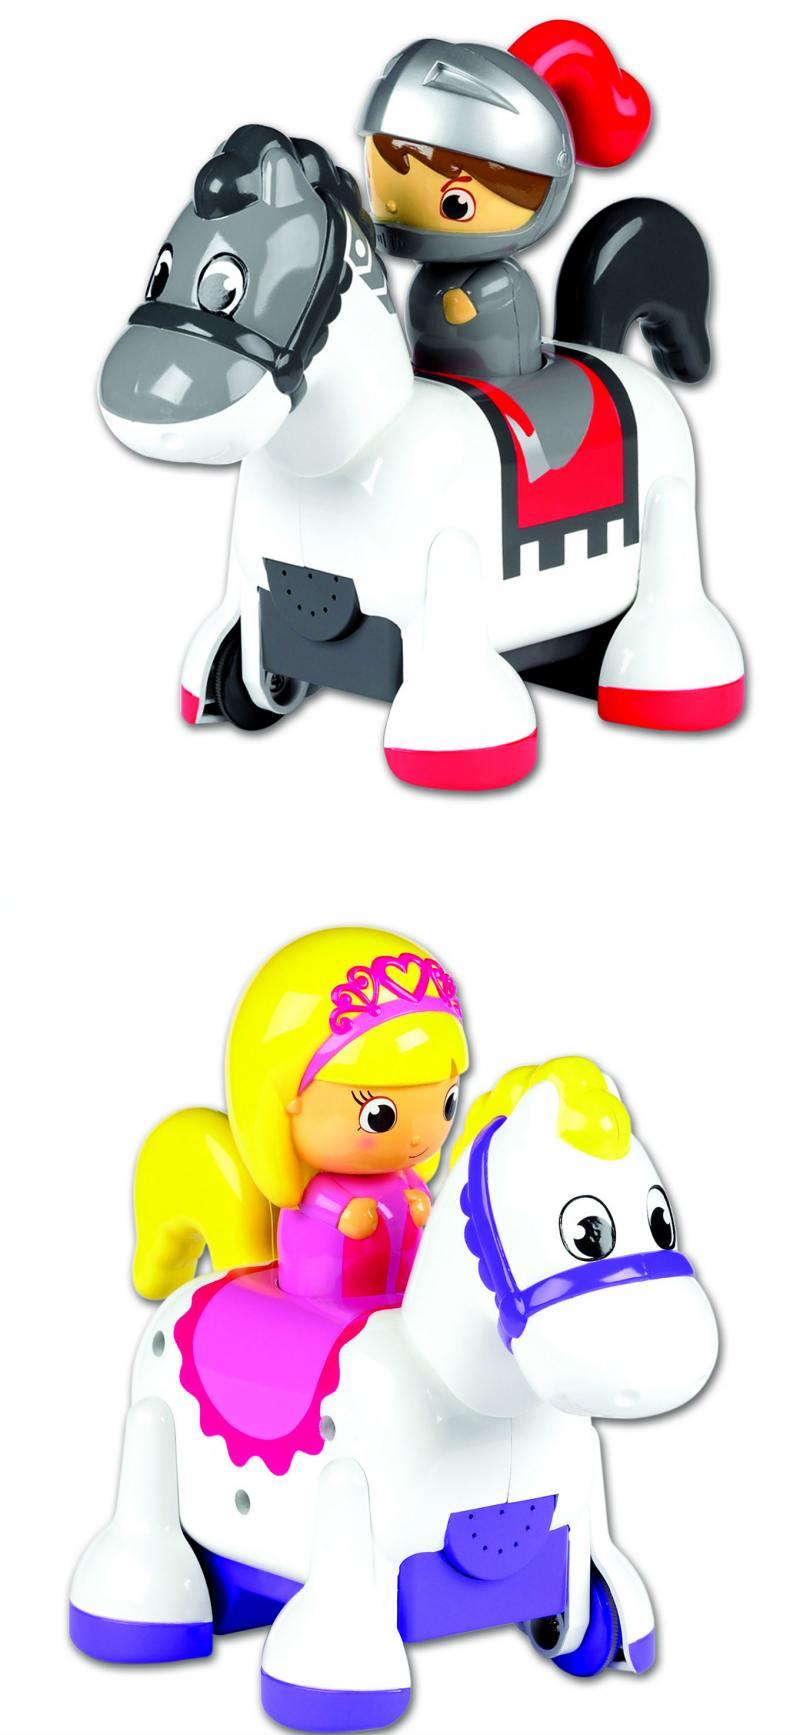 Интерактивная игрушка Tomy Принцесса-всадница Рыцарь-всадник tomy farm приключения трактора джонни и поросенка на ферме